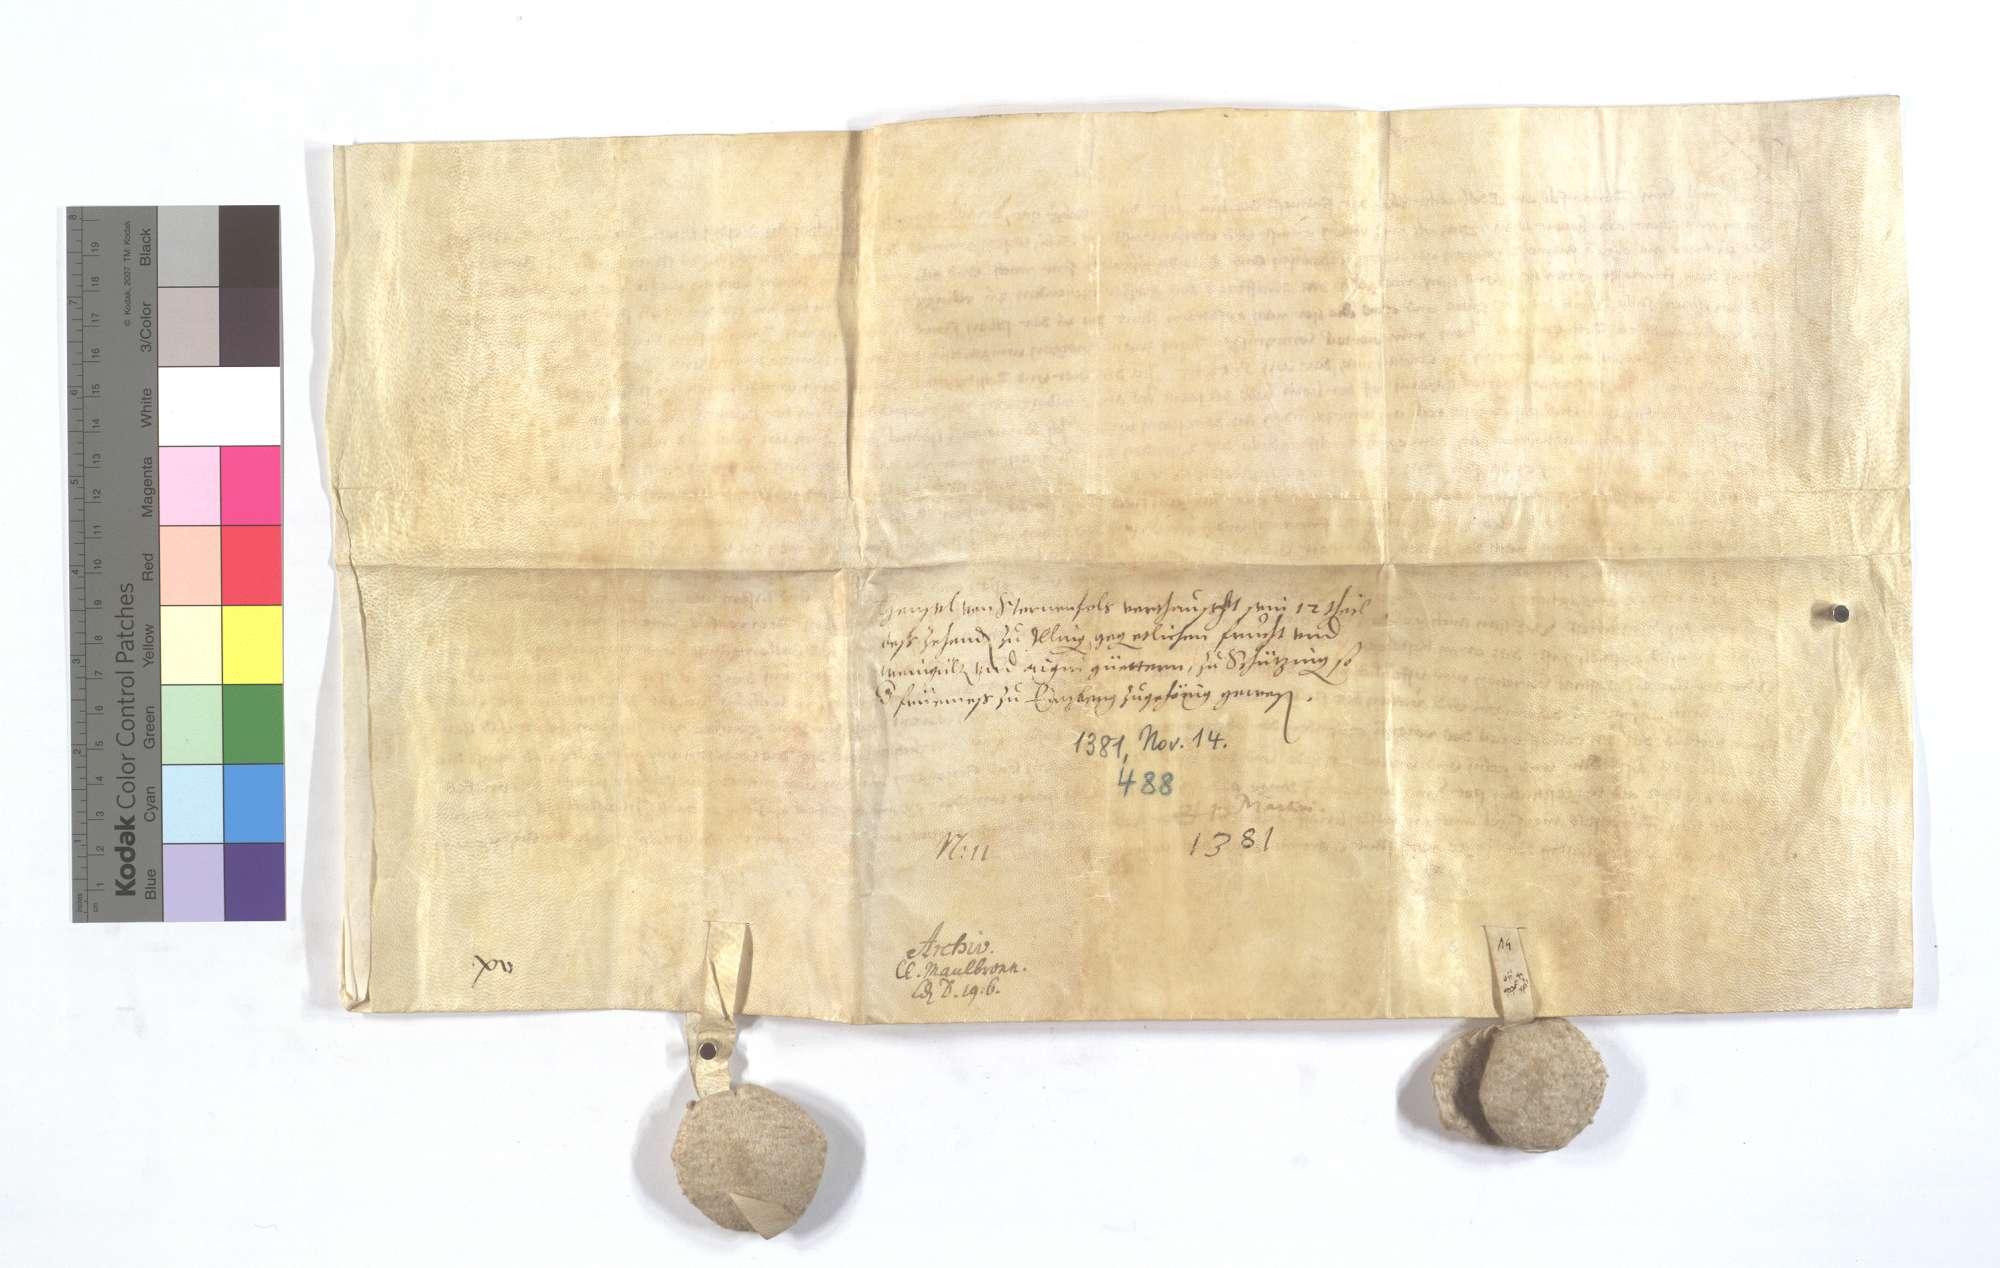 Henel von Sternenfels vertauscht sein 1/12 des Zehnten in Illingen gegen die der Frühmess in Enzberg gehörigen Frucht- und Weingülten sowie Güter in Schützingen (Schüzingen)., Rückseite